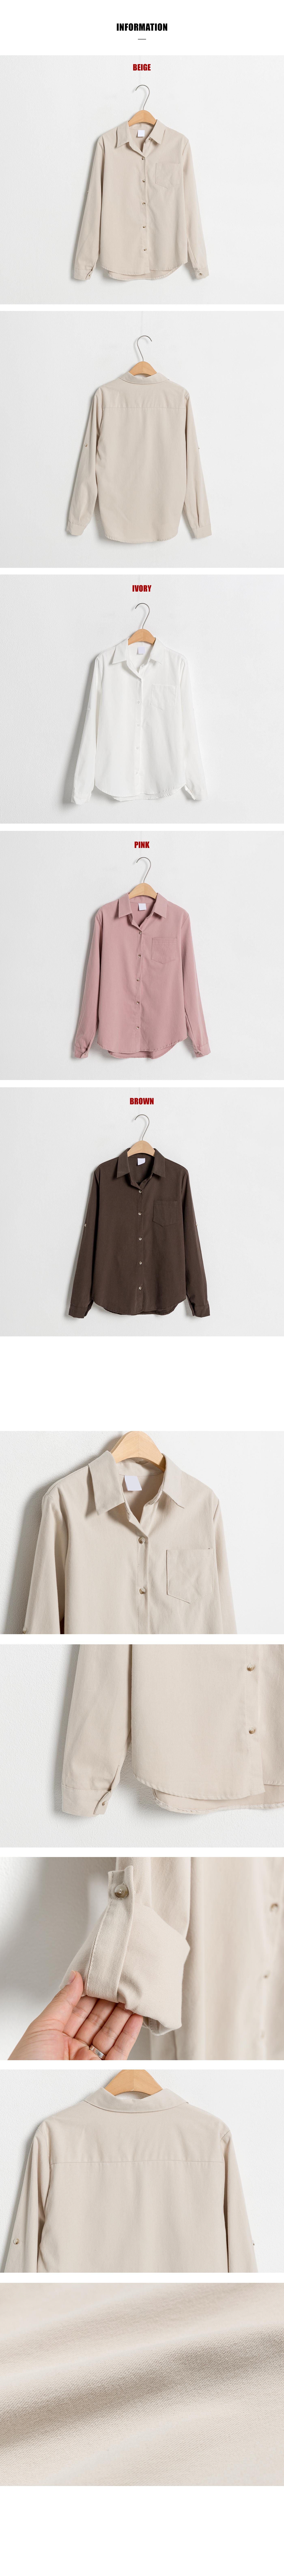 E brushed shirt